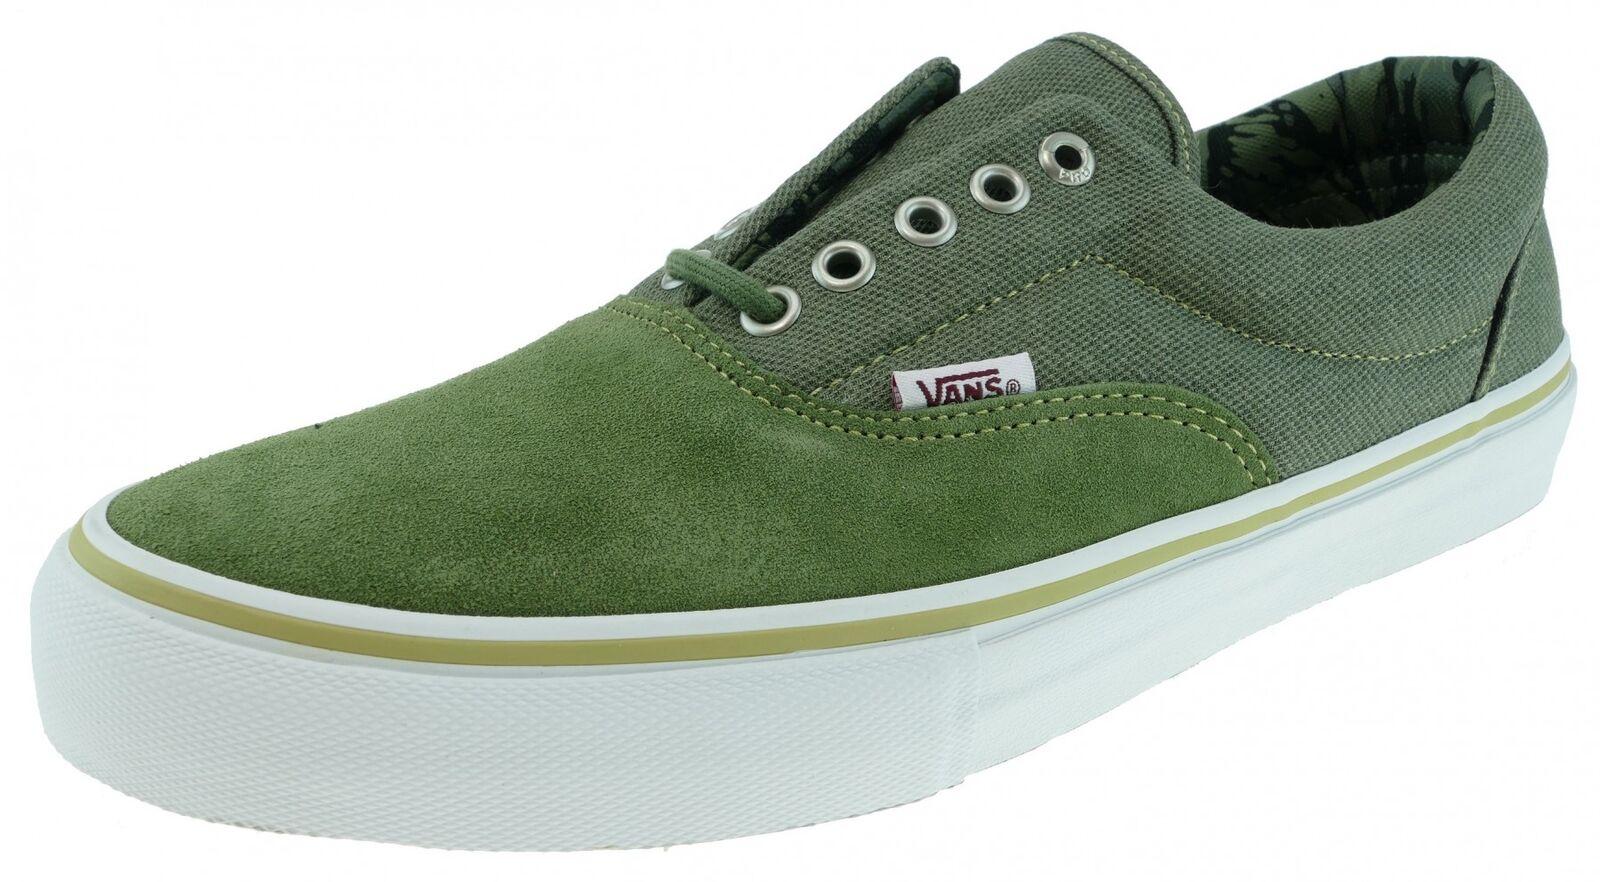 Vans ERA PRO PRO PRO Pro Skate  jungle camo olive | Boutique En Ligne  3a1c62